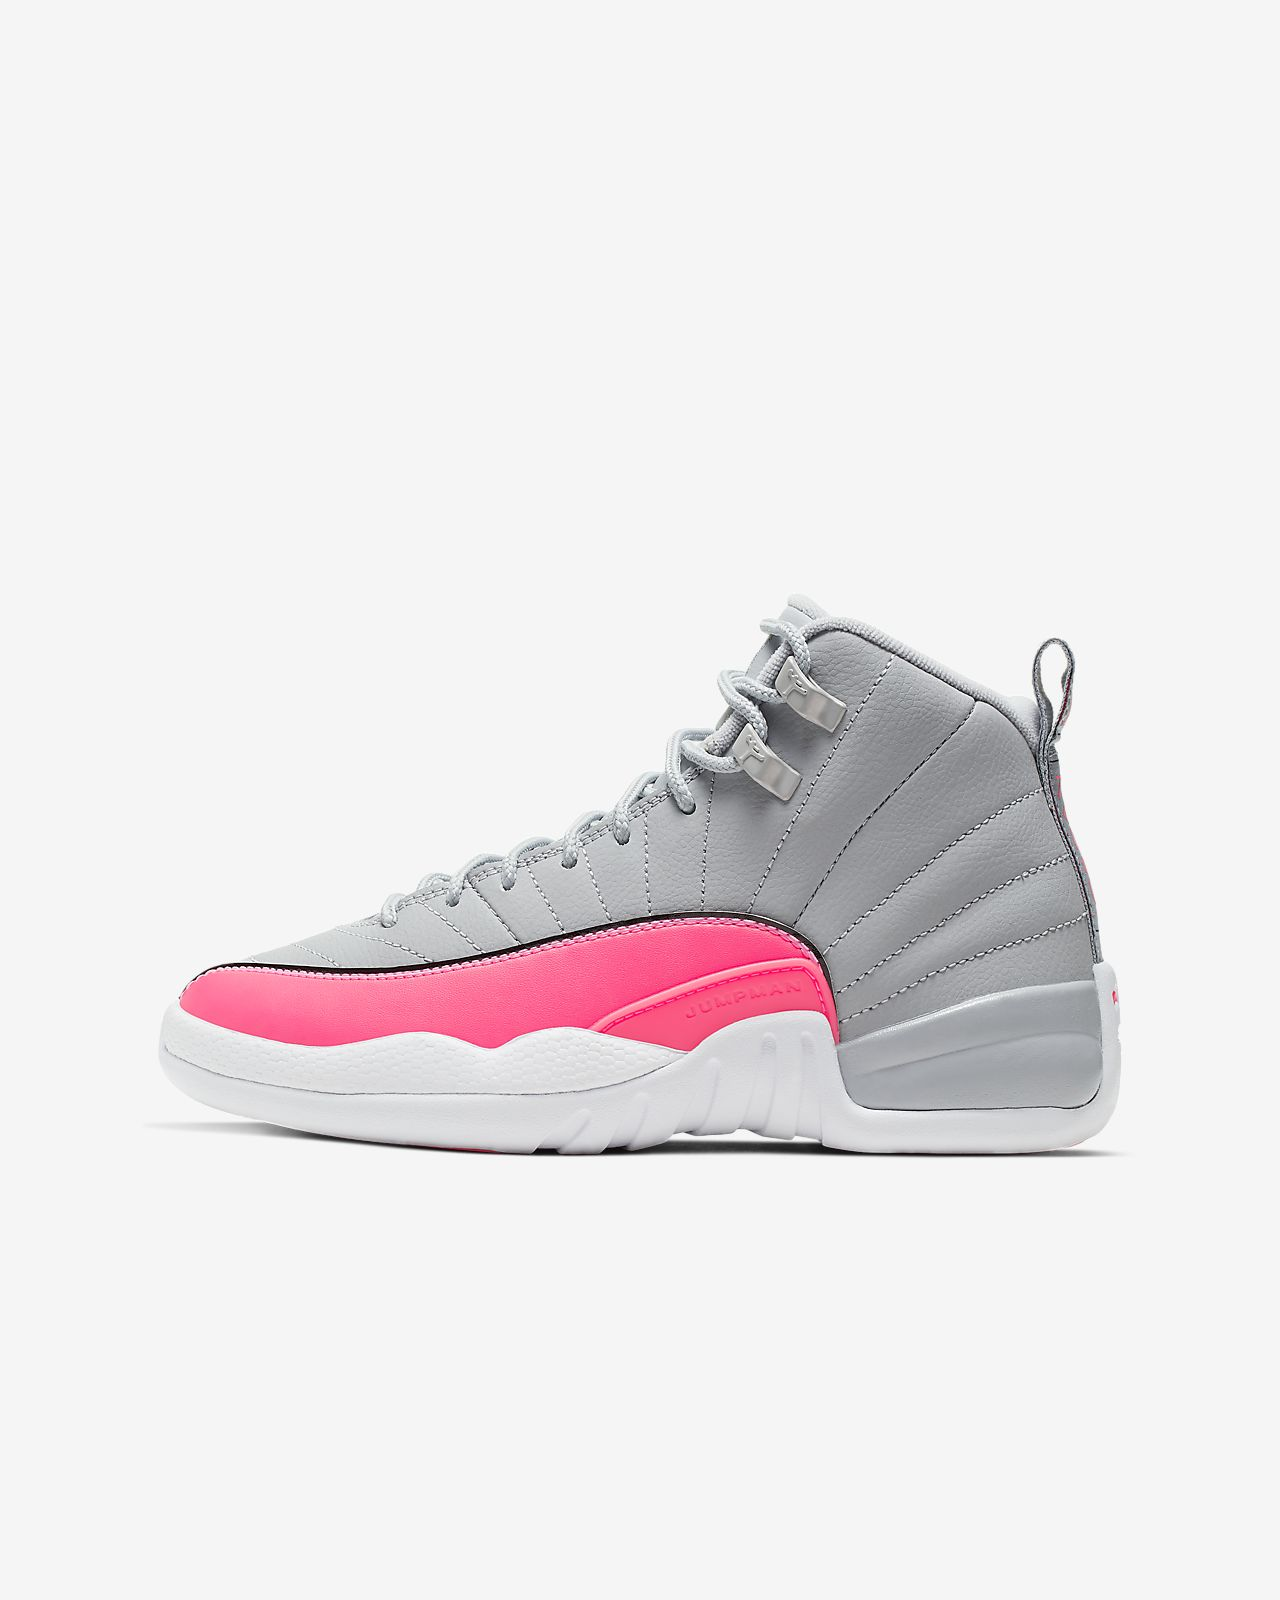 Jordans 12 Air Jordan 12 Retro Big Kids' Shoe. Nike.com